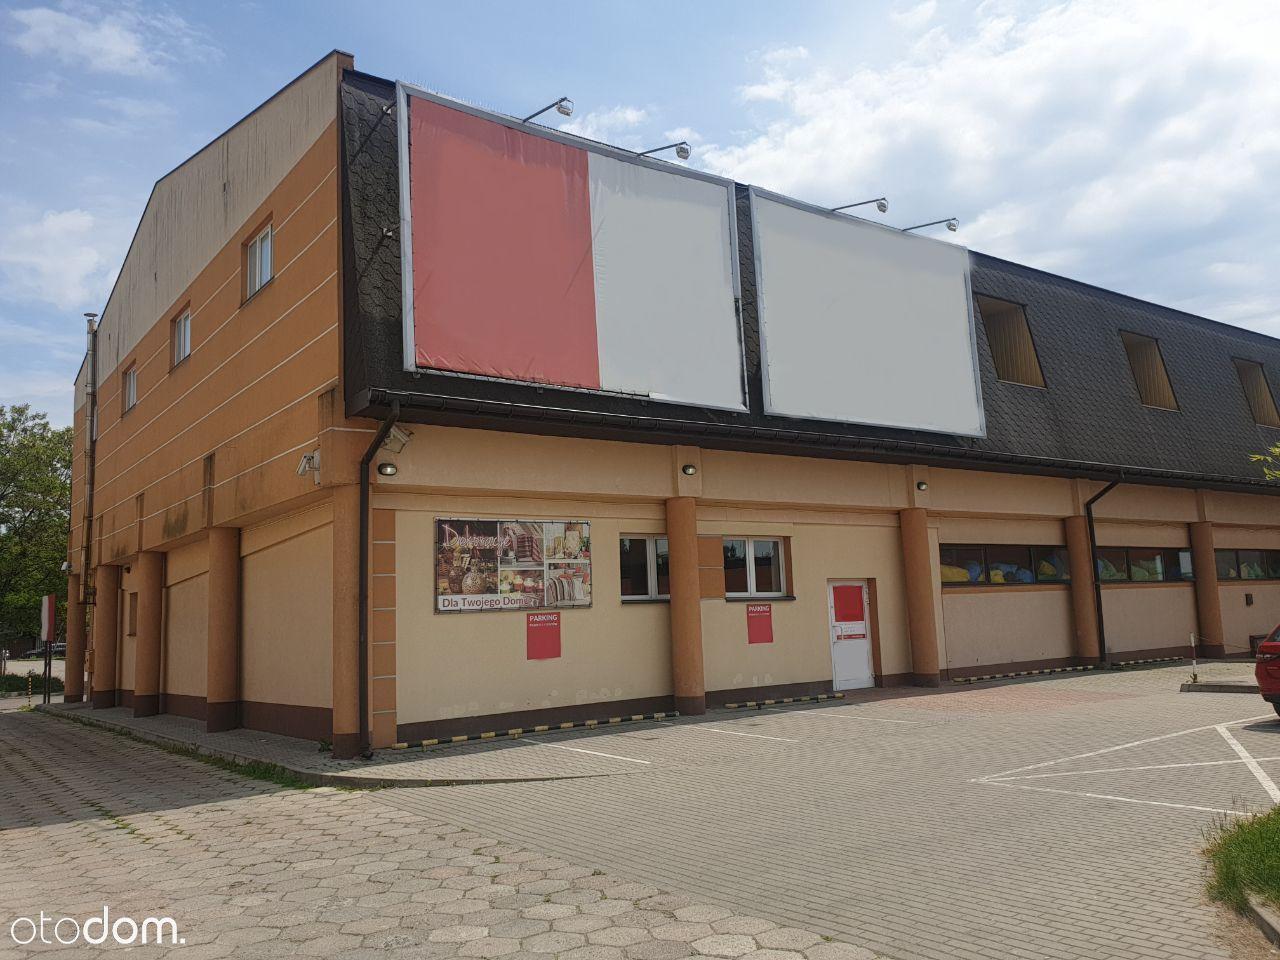 Lokal użytkowy 347m2 - Atrakcyjny lokal użytkowy